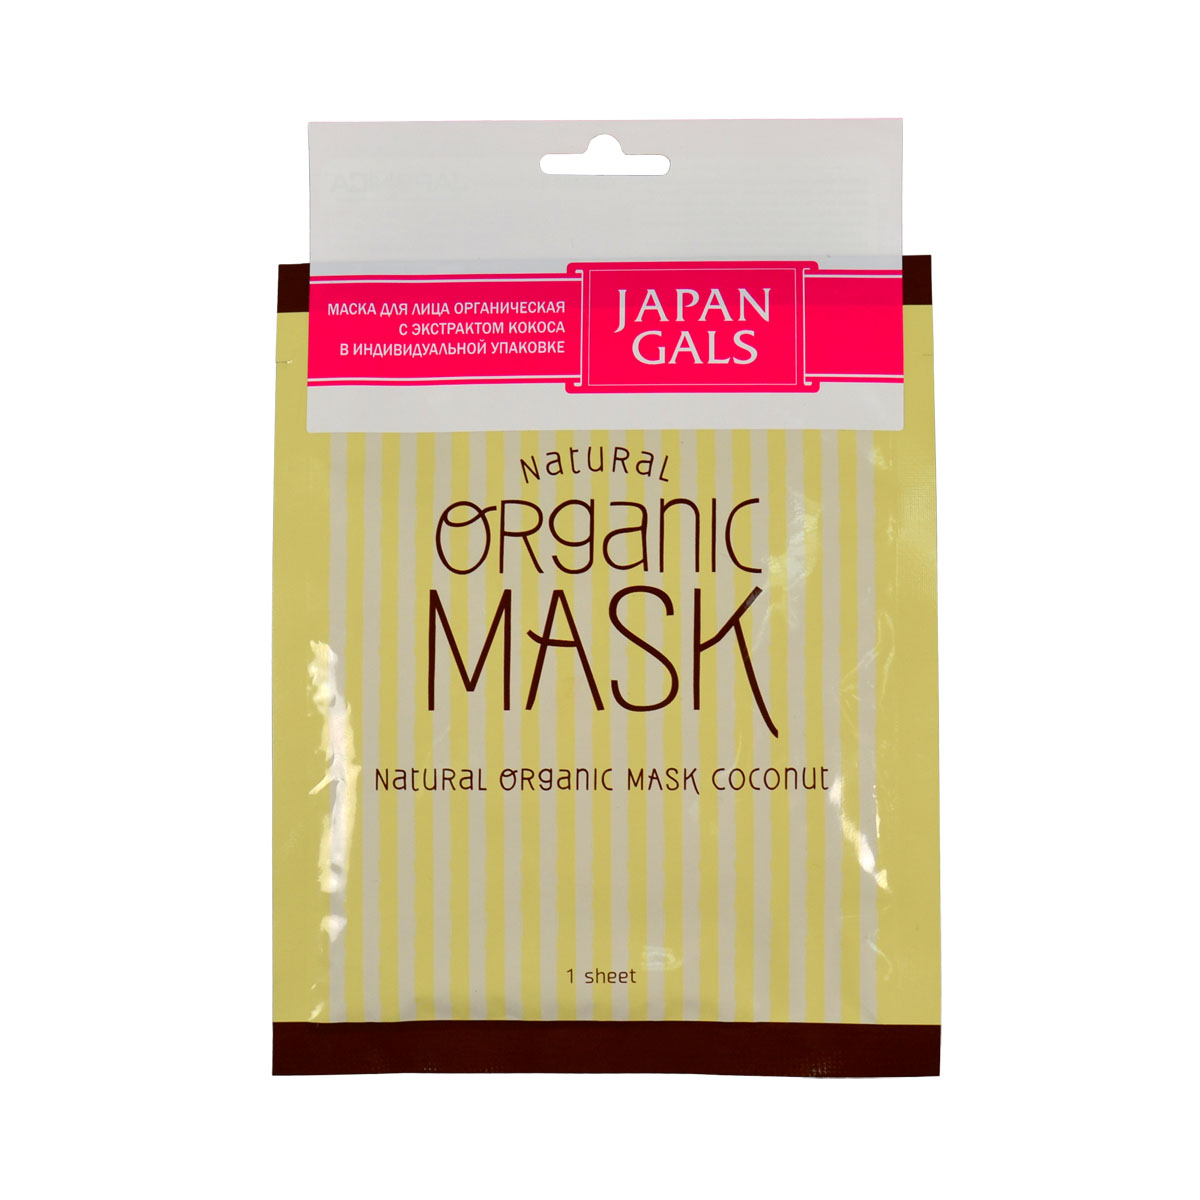 Japan Gals Маска для лица органическая с экстрактом кокоса 1 шт100713Органическая маска JAPAN GALS с экстрактом кокоса создана для красоты и сияния кожи. Все компоненты подбирались особенно тщательно, а органический хлопок из которого создана маска естественно и мягко заботится о лице. Маска подходят для всех типов кожи и в любом возрасте.Чтобы ваша кожа сияла здоровьем, Вам потребуется всего 10-15 минут в день для ухода за ней. Маска очень проста в применении, а после ее использования лицо не требует дополнительного умывания. Тканевая основа маски пропитана сывороткой, и благодаря плотному прилеганию маски к лицу состав проникает глубоко в кожу, успокаивая и увлажняя ее изнутри. Так же у маски имеются специальные кармашки для проработки зоны в области глаз.В состав маски входят экстра - чистые кокосовые масла, кокосовый сок, с добавлением в сыворотку масла жожоба. Кокосовое масло позволяет за очень короткий промежуток времени смягчить и разгладить кожу, придав ей гладкий, здоровый и сияющий вид.Кокосовый сок придаст коже мягкость и сделает ее бархатистой. Масло жожоба помогает улучшить цвет лица и способствует усвоению кожей витамина D при воздействии солнечных лучей.Способ применения: Расправить маску. Плотно приложить к чистому лицу. Держать в течение 10-15 минут. При использовании маски на глаза веки следует держать закрытыми. Для особо тщательной проработки зоны под глазами сложите специальную накладку два раза. После применения маски лицо не требует дополнительного умывания. Меры предосторожности: Аллергические реакции возможны только в случае индивидуальной непереносимости отдельных компонентов. При покраснении, зуде, раздражении, прекратить применение продукта и проконсультироваться со специалистом. Не использовать при открытых ранах и опухолях. В целях гигиены следует использовать маску только один раз. Рекомендуется доставать маску из упаковки чистыми руками. Способ хранения: Держать в недоступном для детей месте. Хранить при комнатной температуре. Не реко